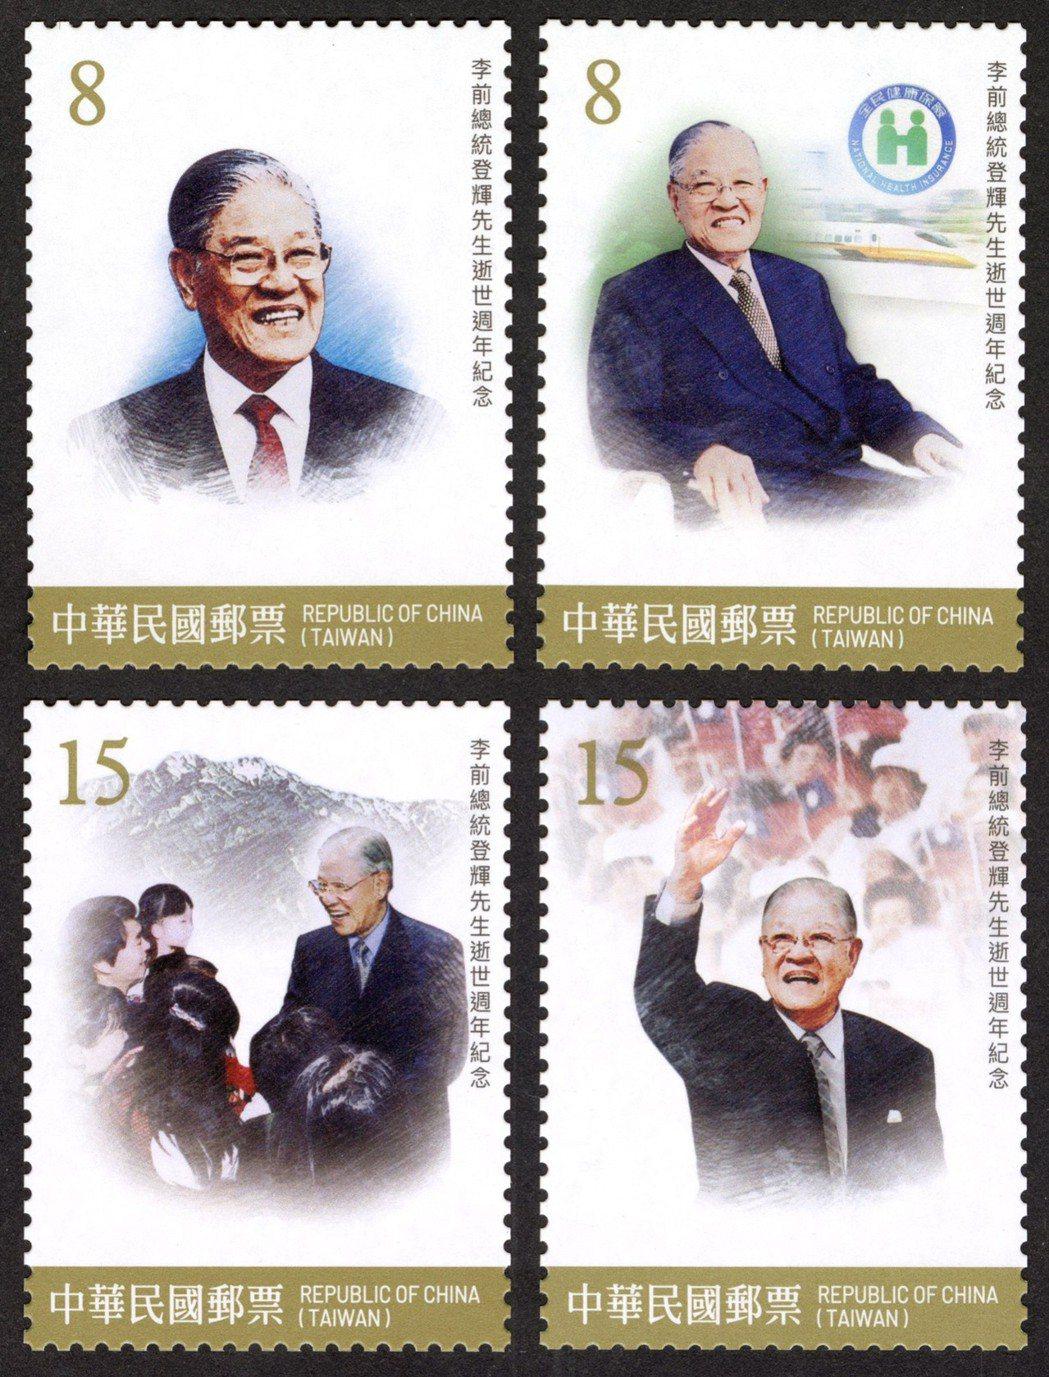 中華郵政推出李登輝逝世週年紀念郵票,以「光。輝」為主題,透過「留白」設計表現時間...